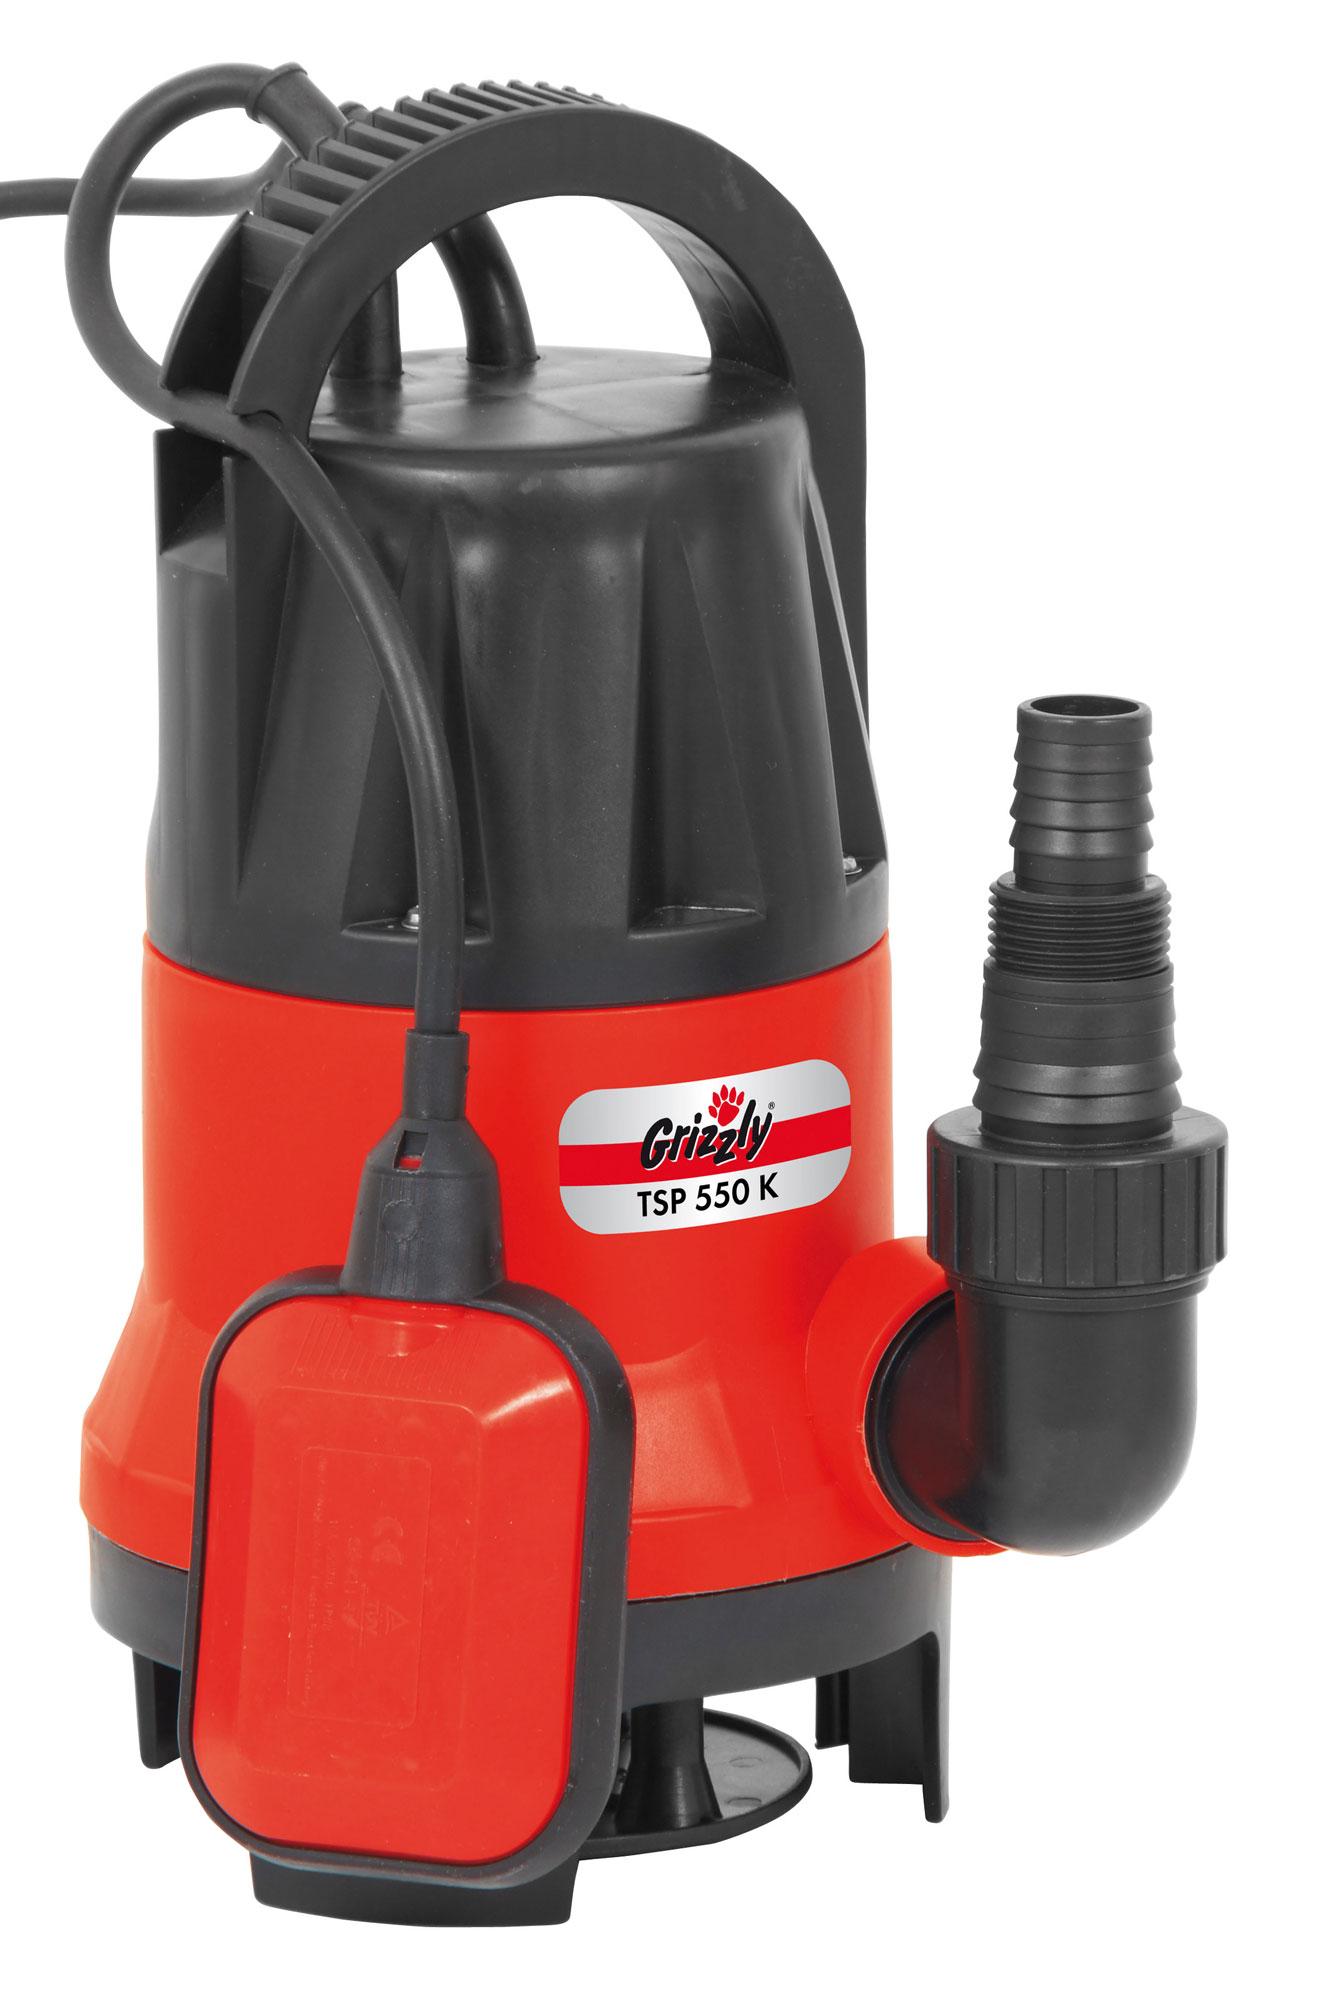 Schmutzwasser Tauchpumpe Grizzly TSP 550 K 550 Watt Bild 1